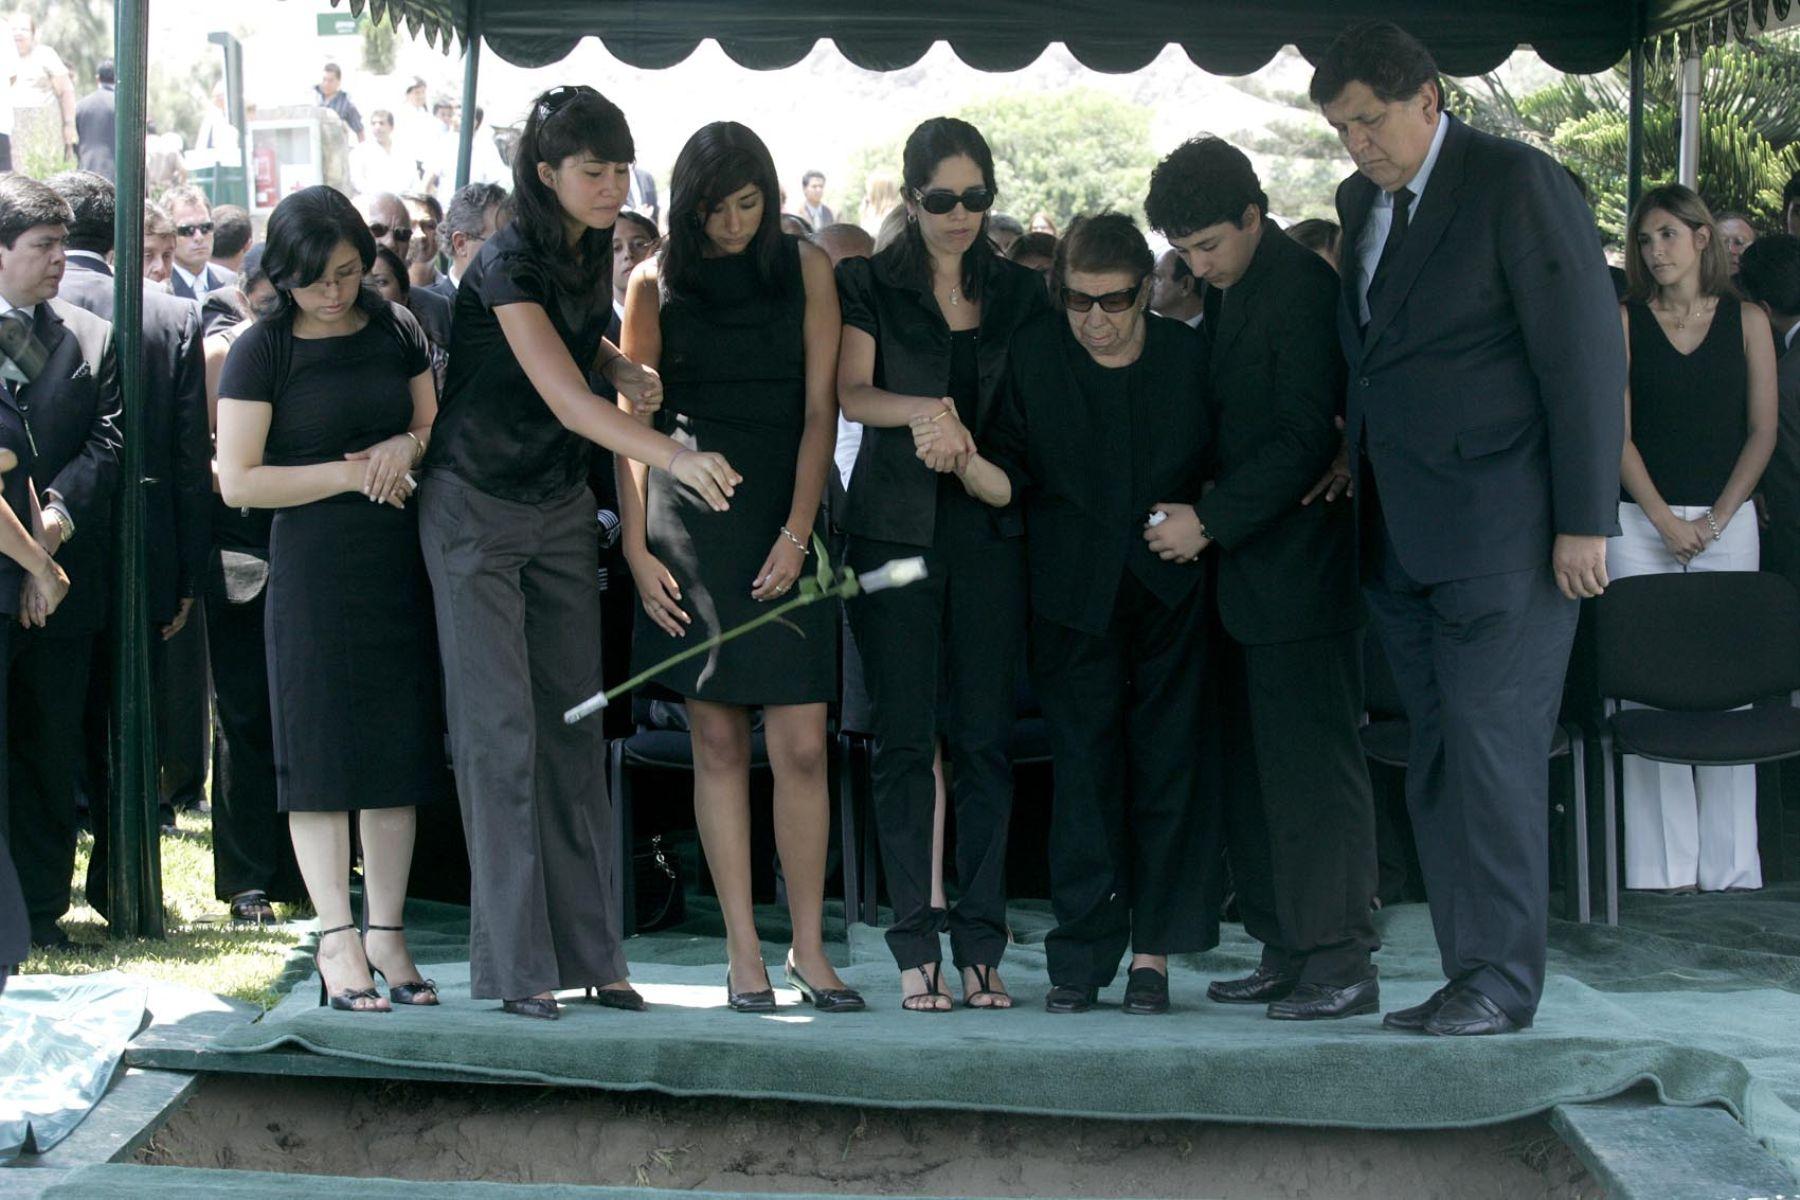 Jefe del estado asisti a sepelio de su hermano carlos for Cementerio jardin de paz pilar